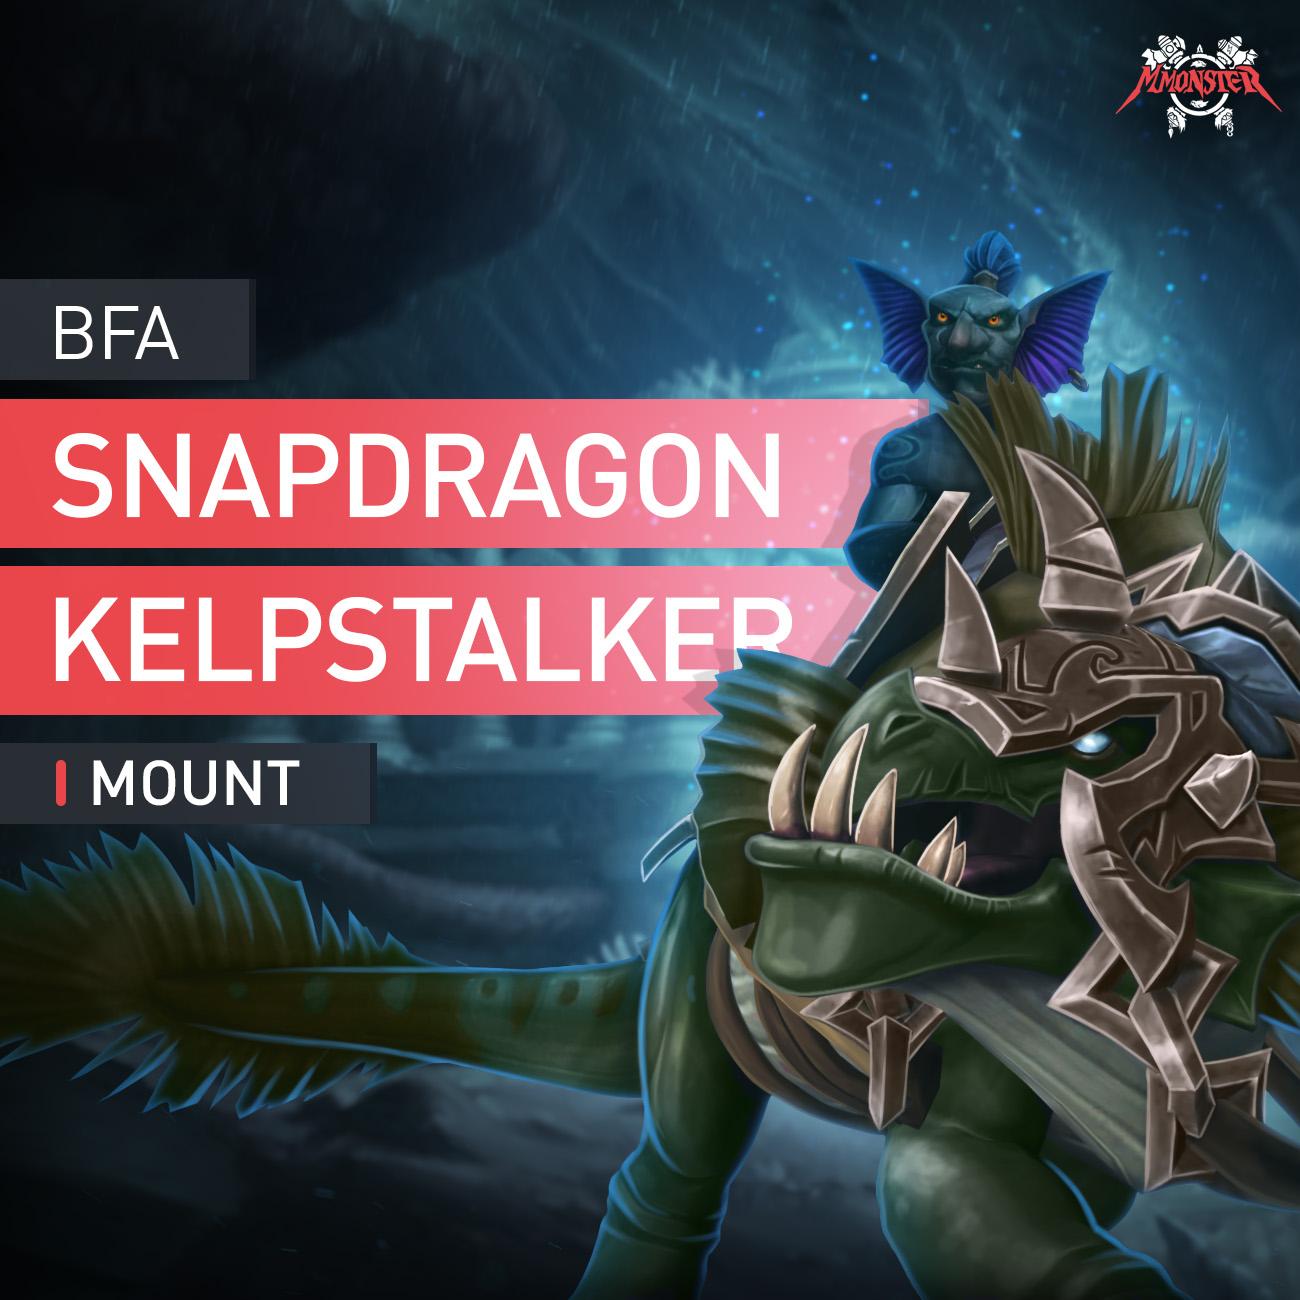 Snapdragon Kelpstalker Mount